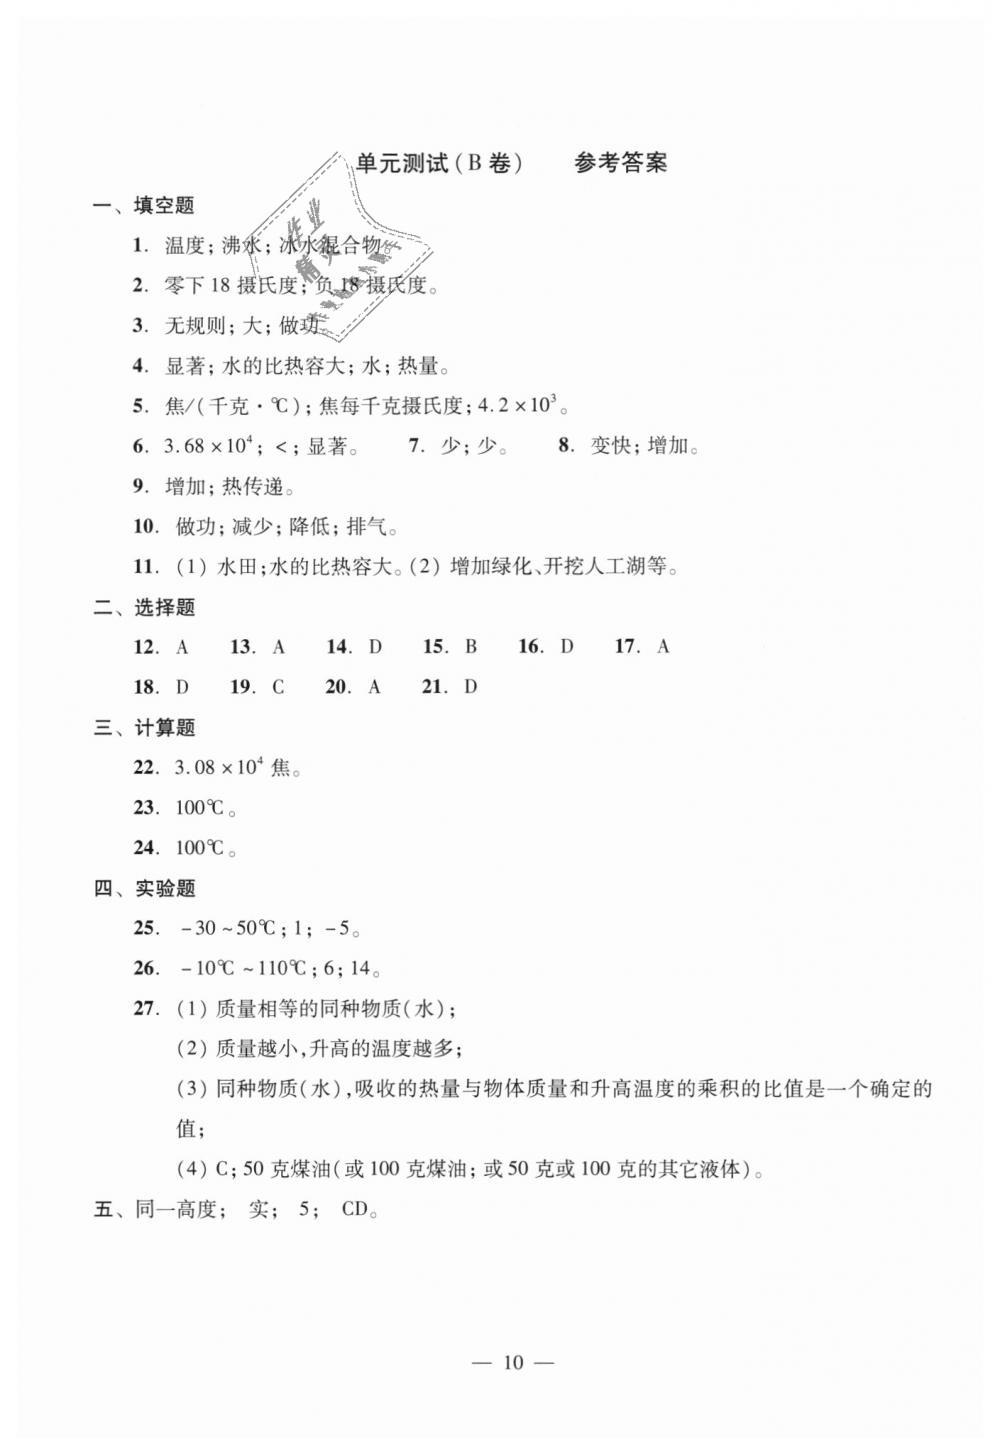 2018年初中物理双基过关堂堂练八年级全一册沪教版第54页